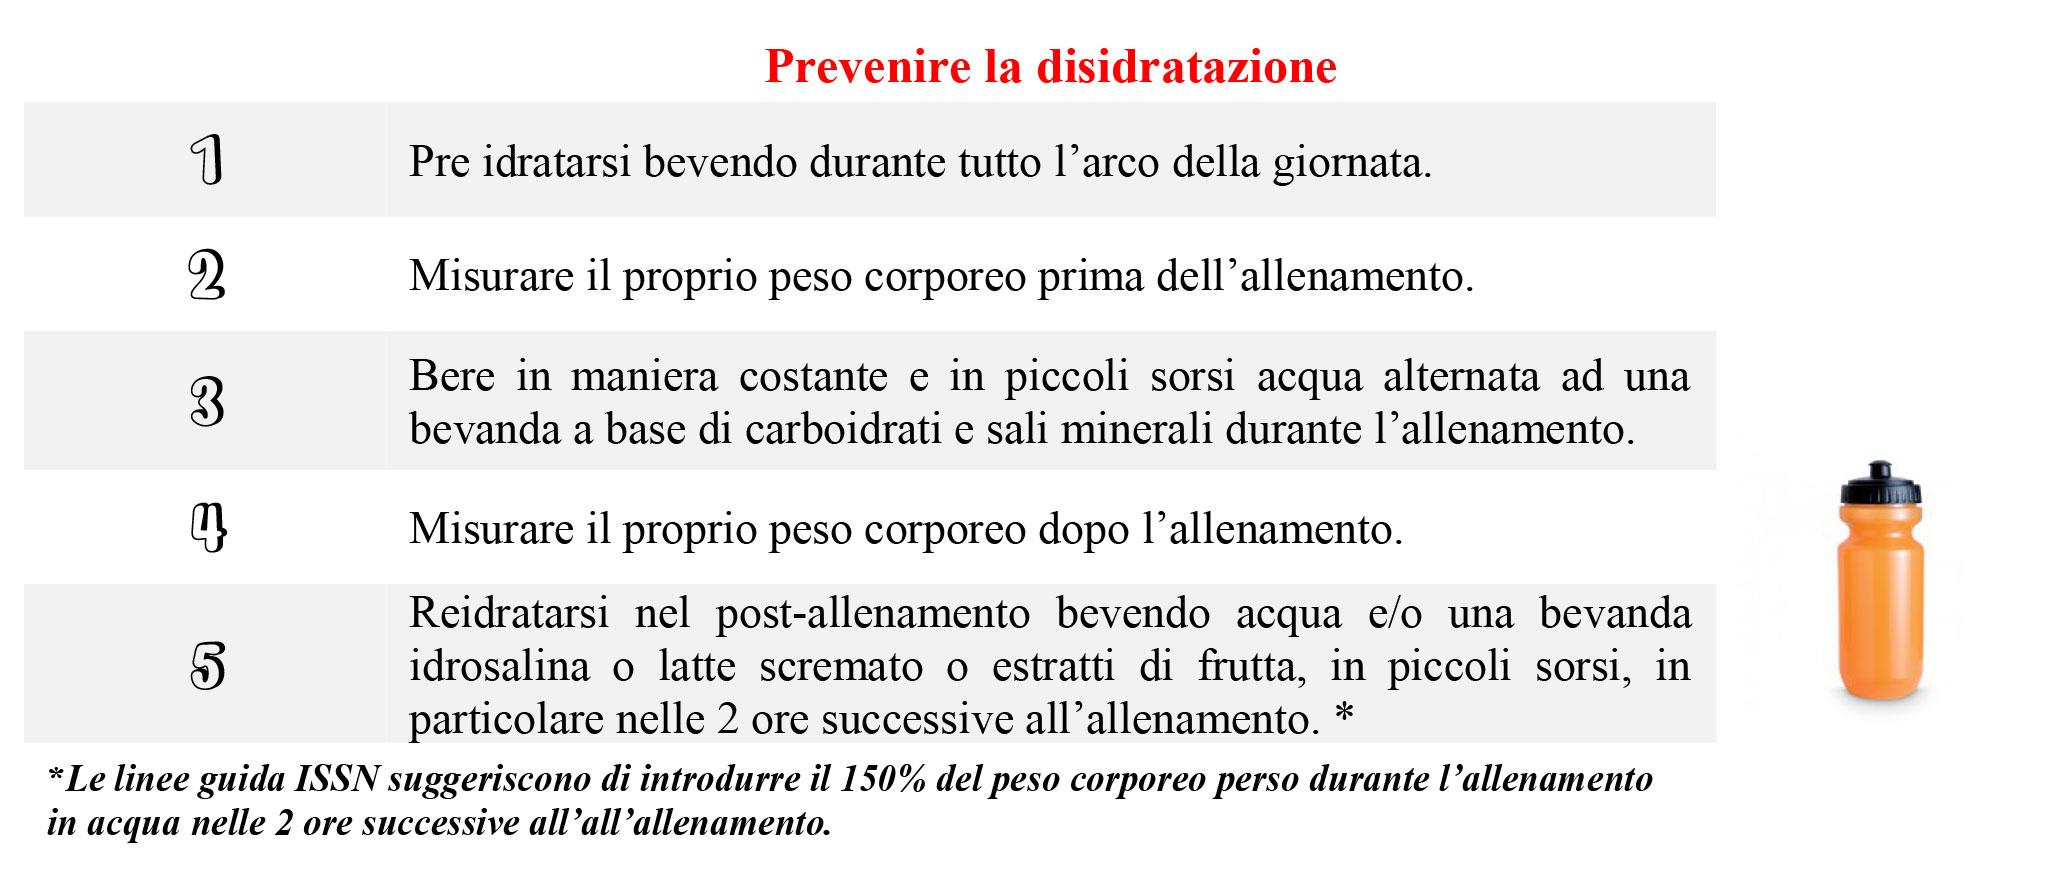 prevenire la disidratazione